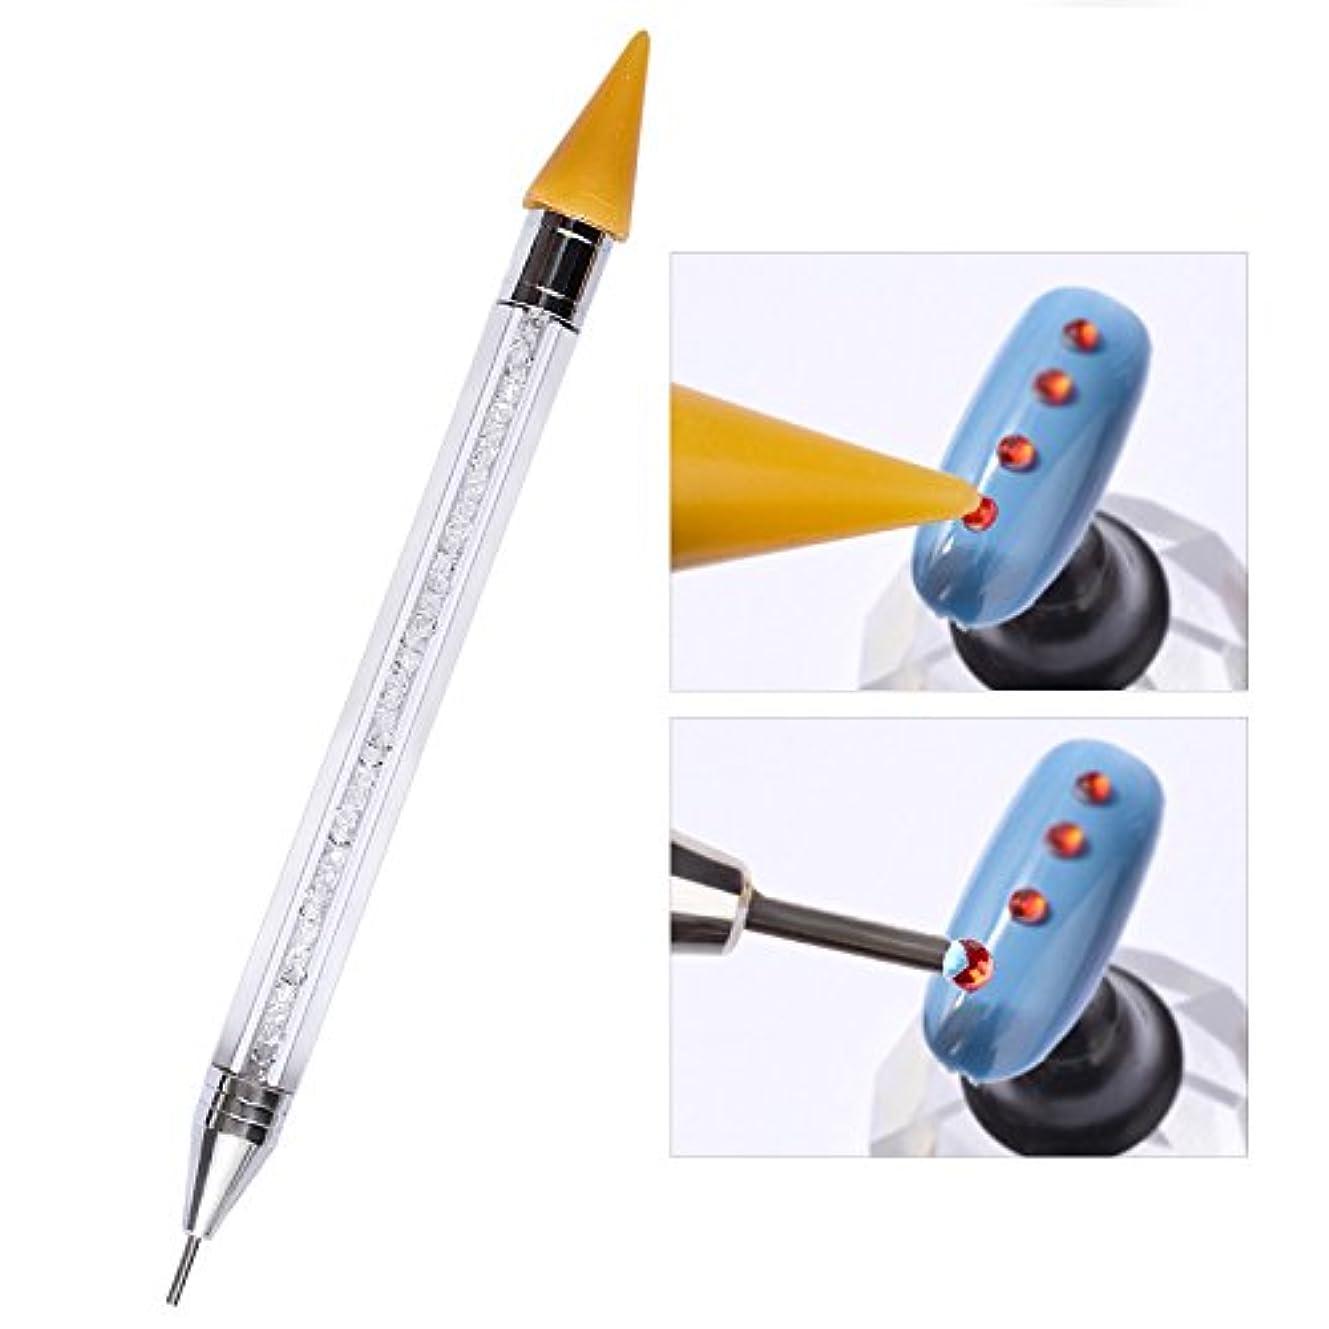 明確なコロニアルあいまいさLiebeye ネイルペン 豪華 耐久性 ダブルヘッドポイント 掘削 ペン マニキュアツール